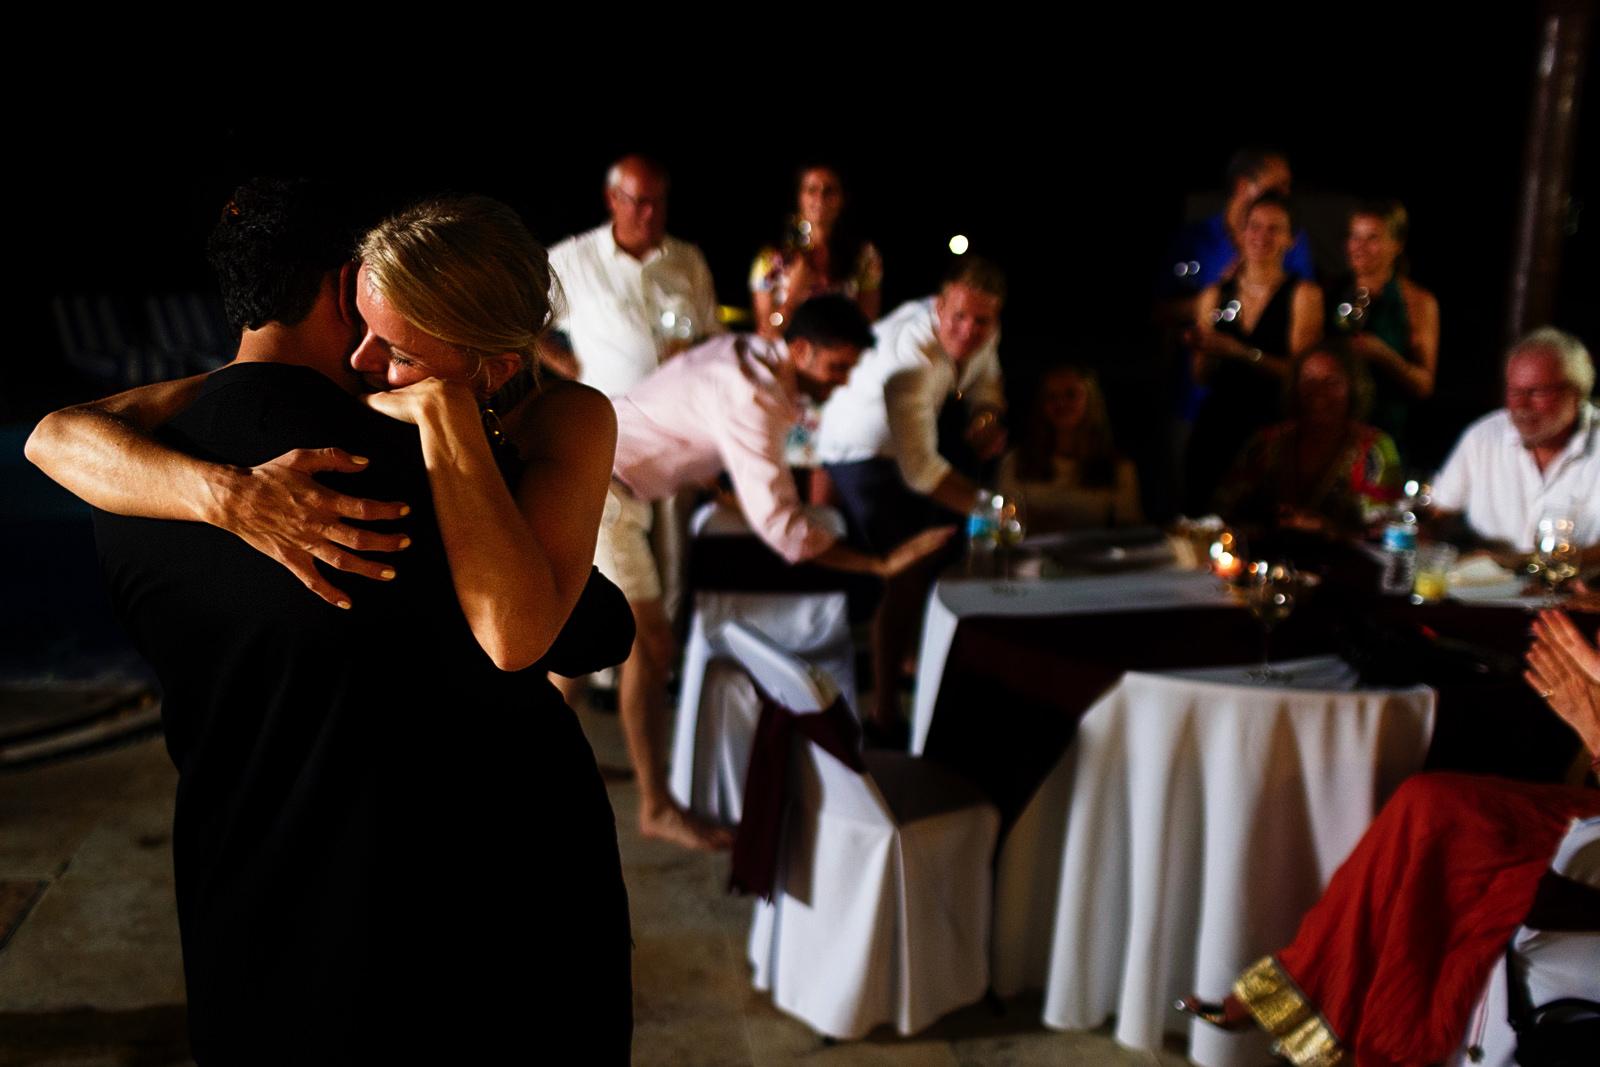 Bride hugs groom after his speech